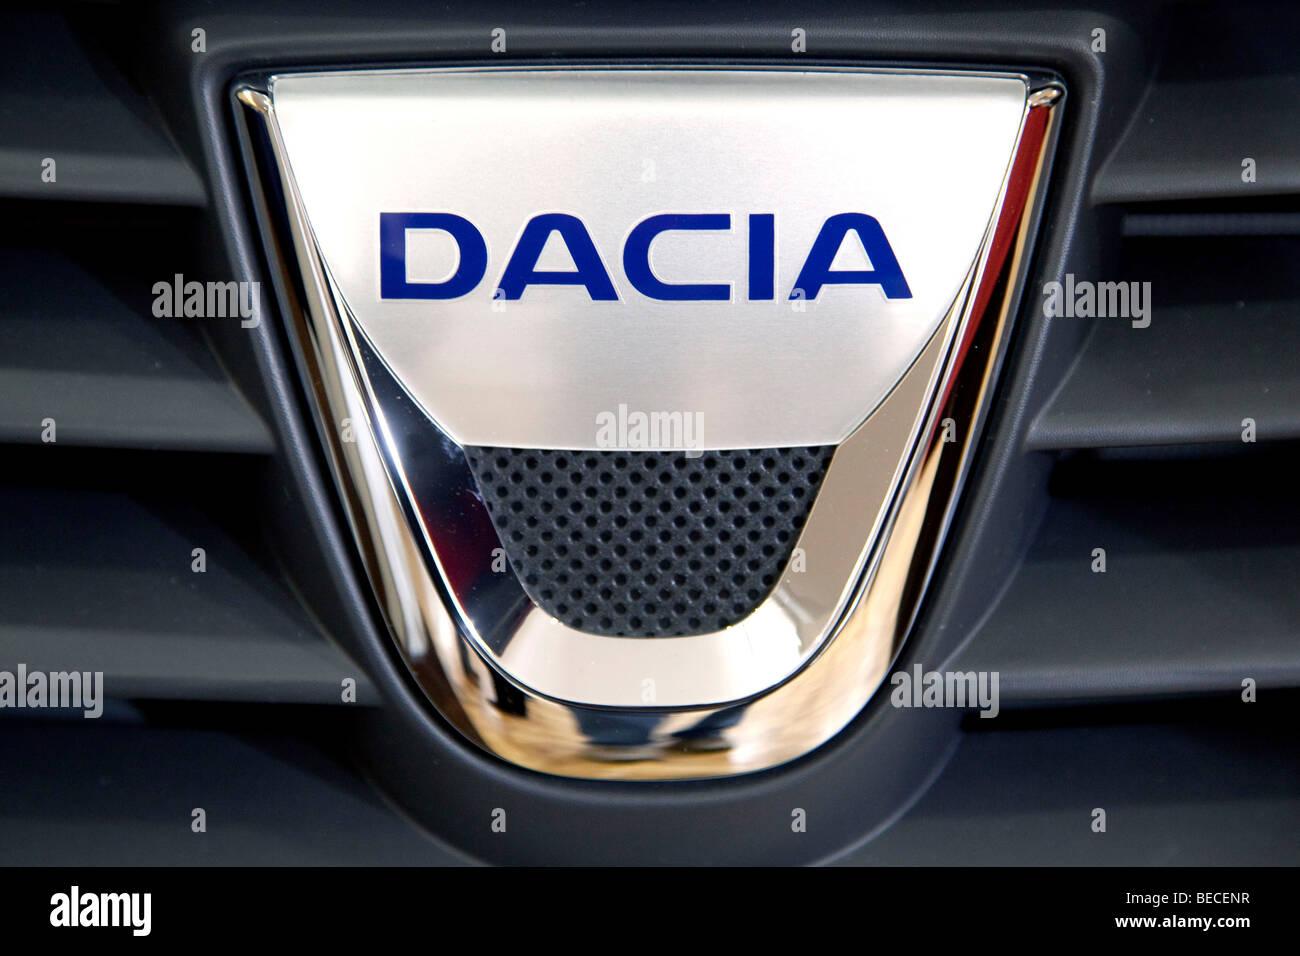 Car Dacia Stock Photos Car Dacia Stock Images Alamy